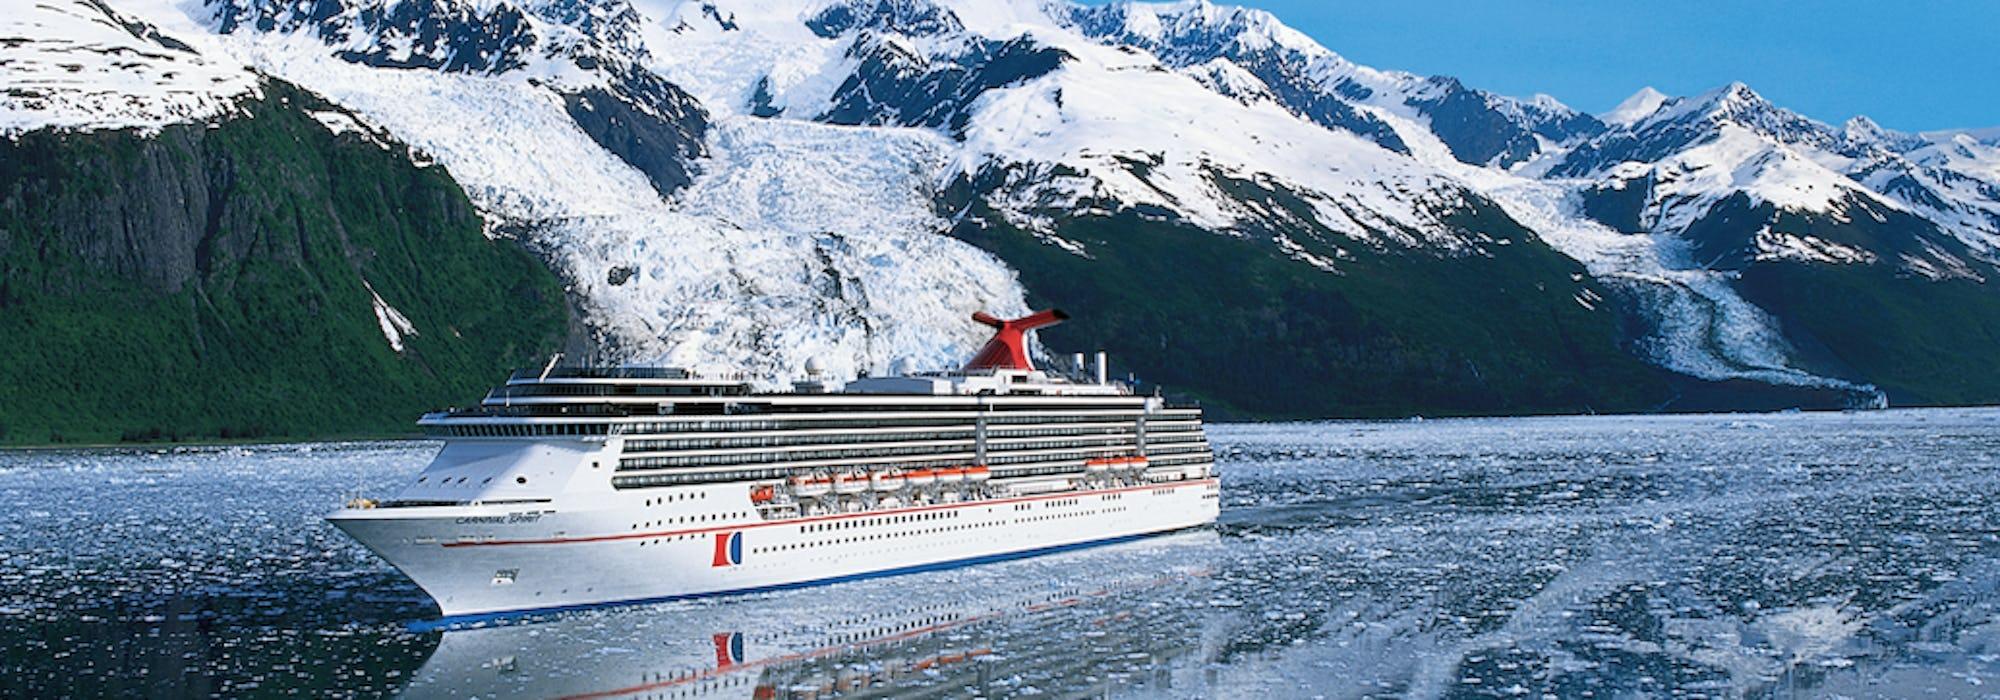 Carnival Spirit kryssar fram i Alaska med snötäckta berg i bakgrunden.